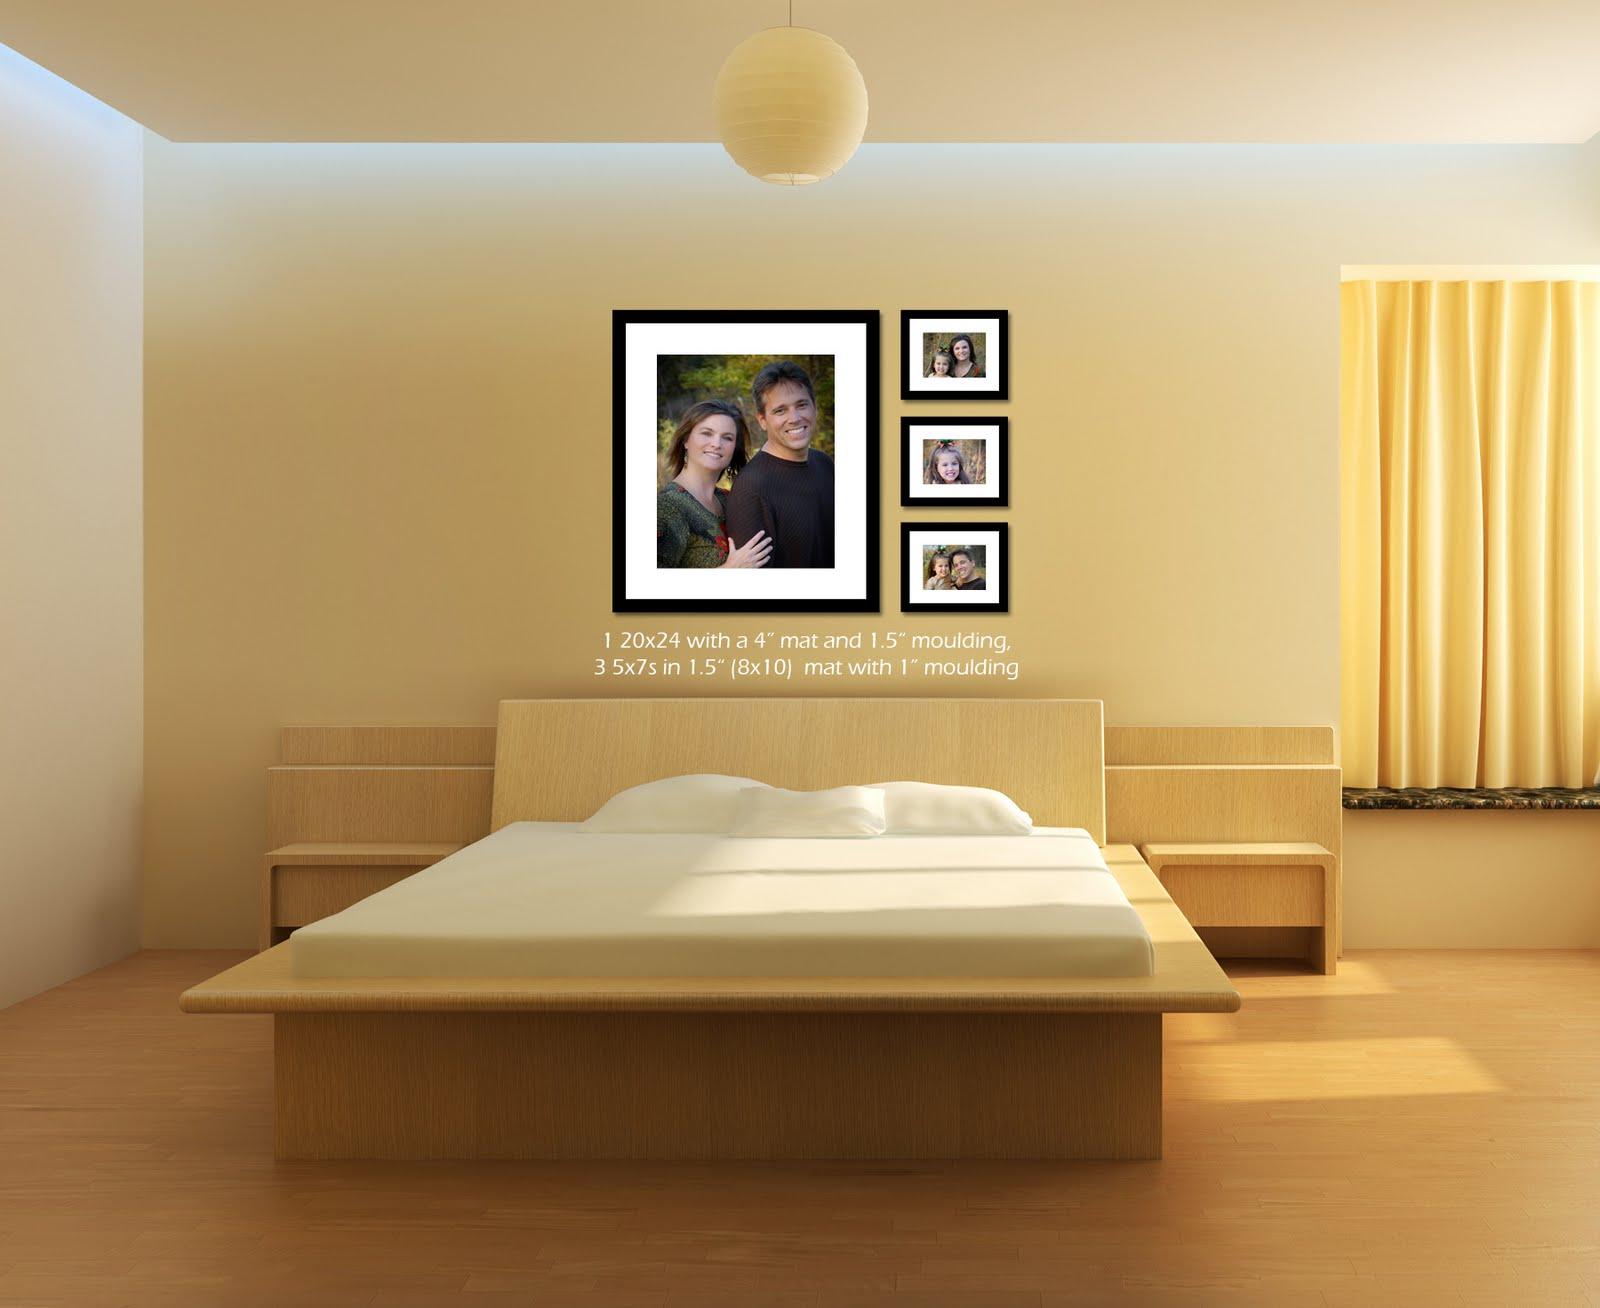 bedroom wall photo - 1